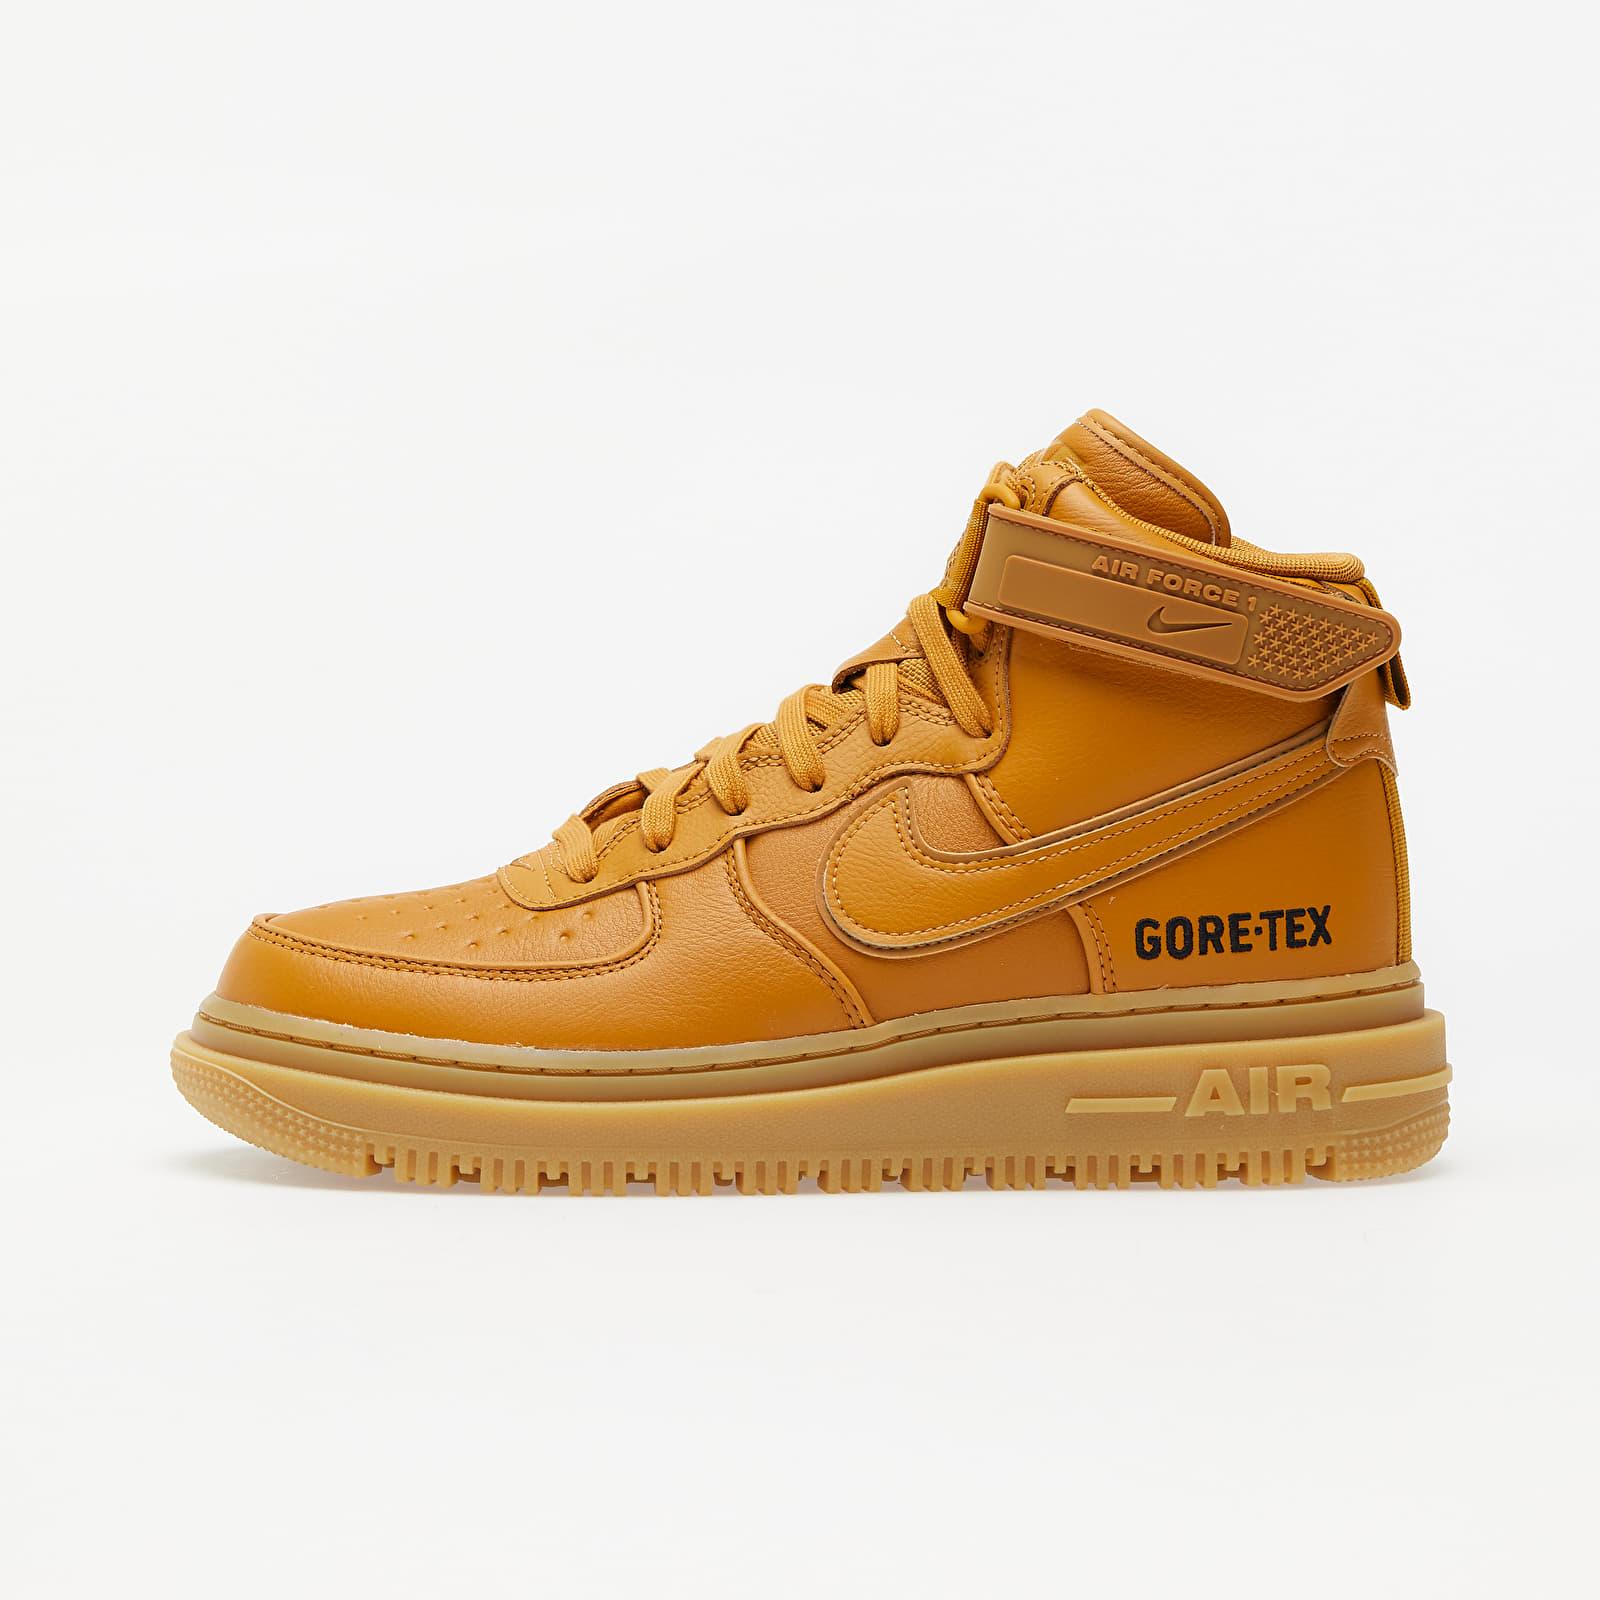 Pánské tenisky a boty Nike Air Force 1 Gtx Boot Flax/ Flax-Wheat-Gum Light Brown